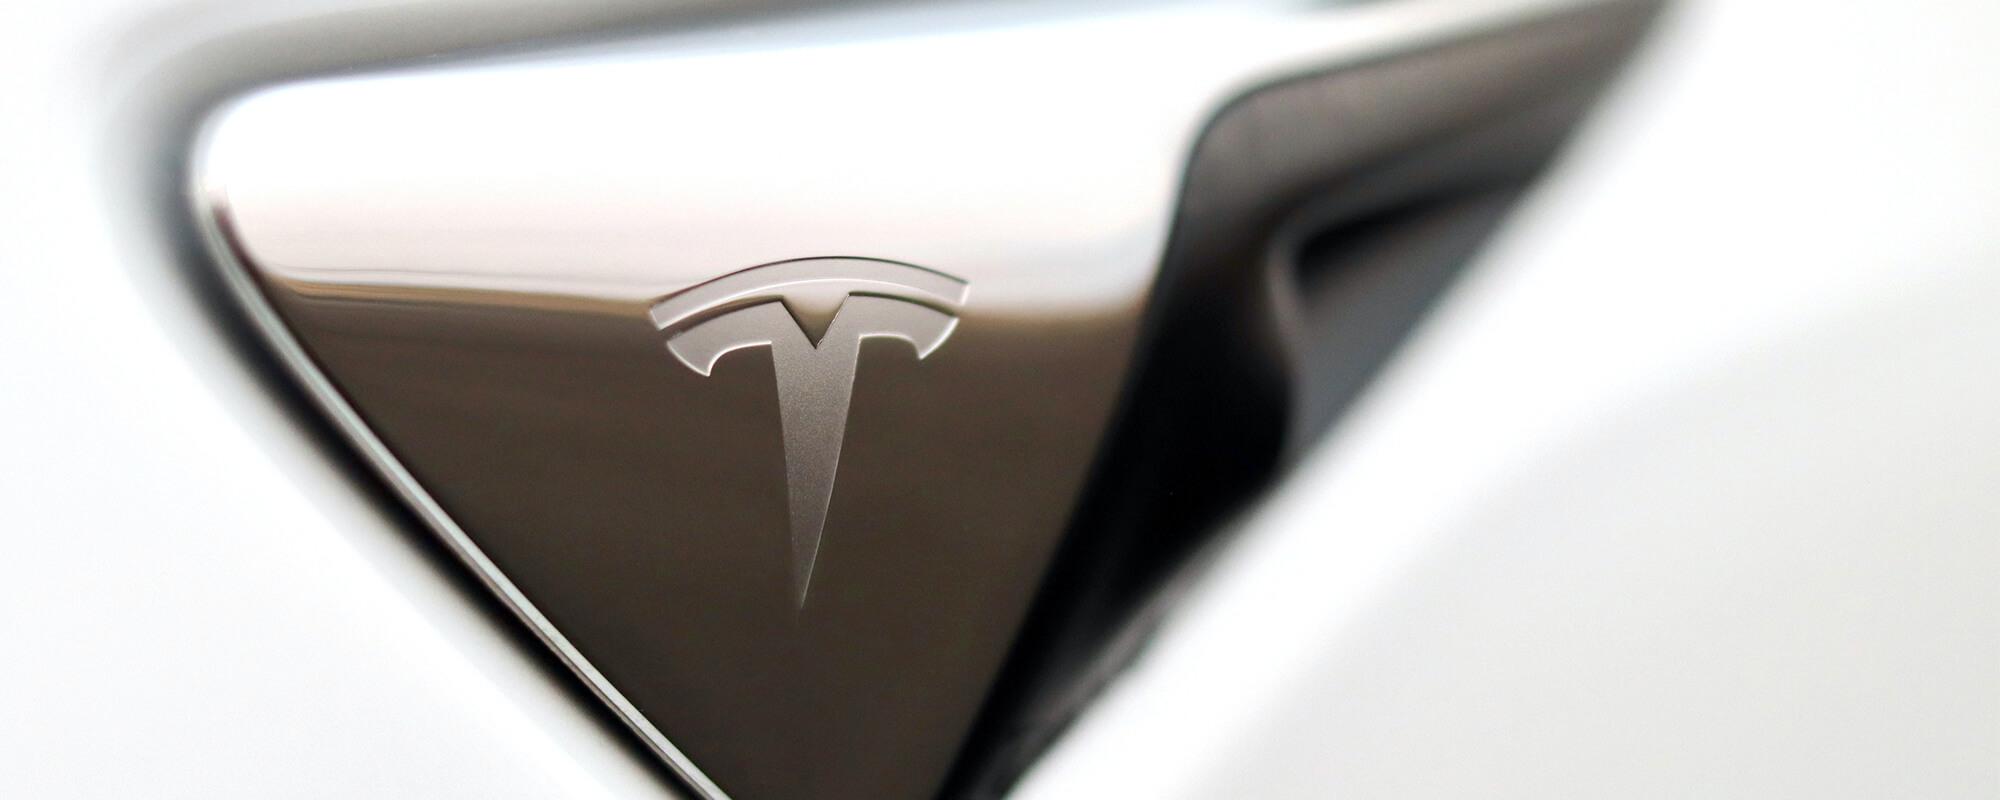 Tesla Autopilot Side Cameras